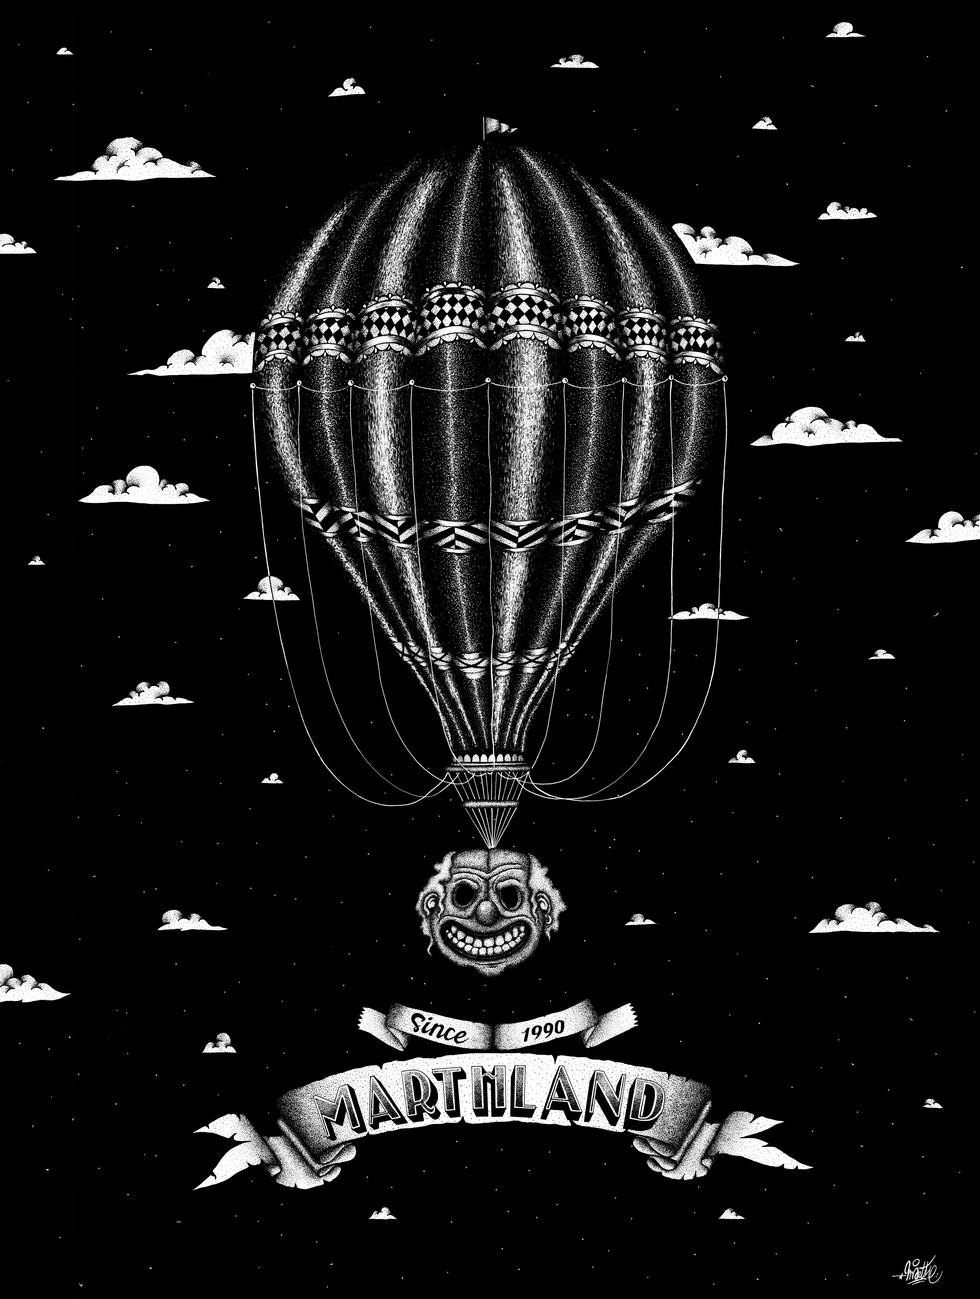 Marthland ballon.jpg